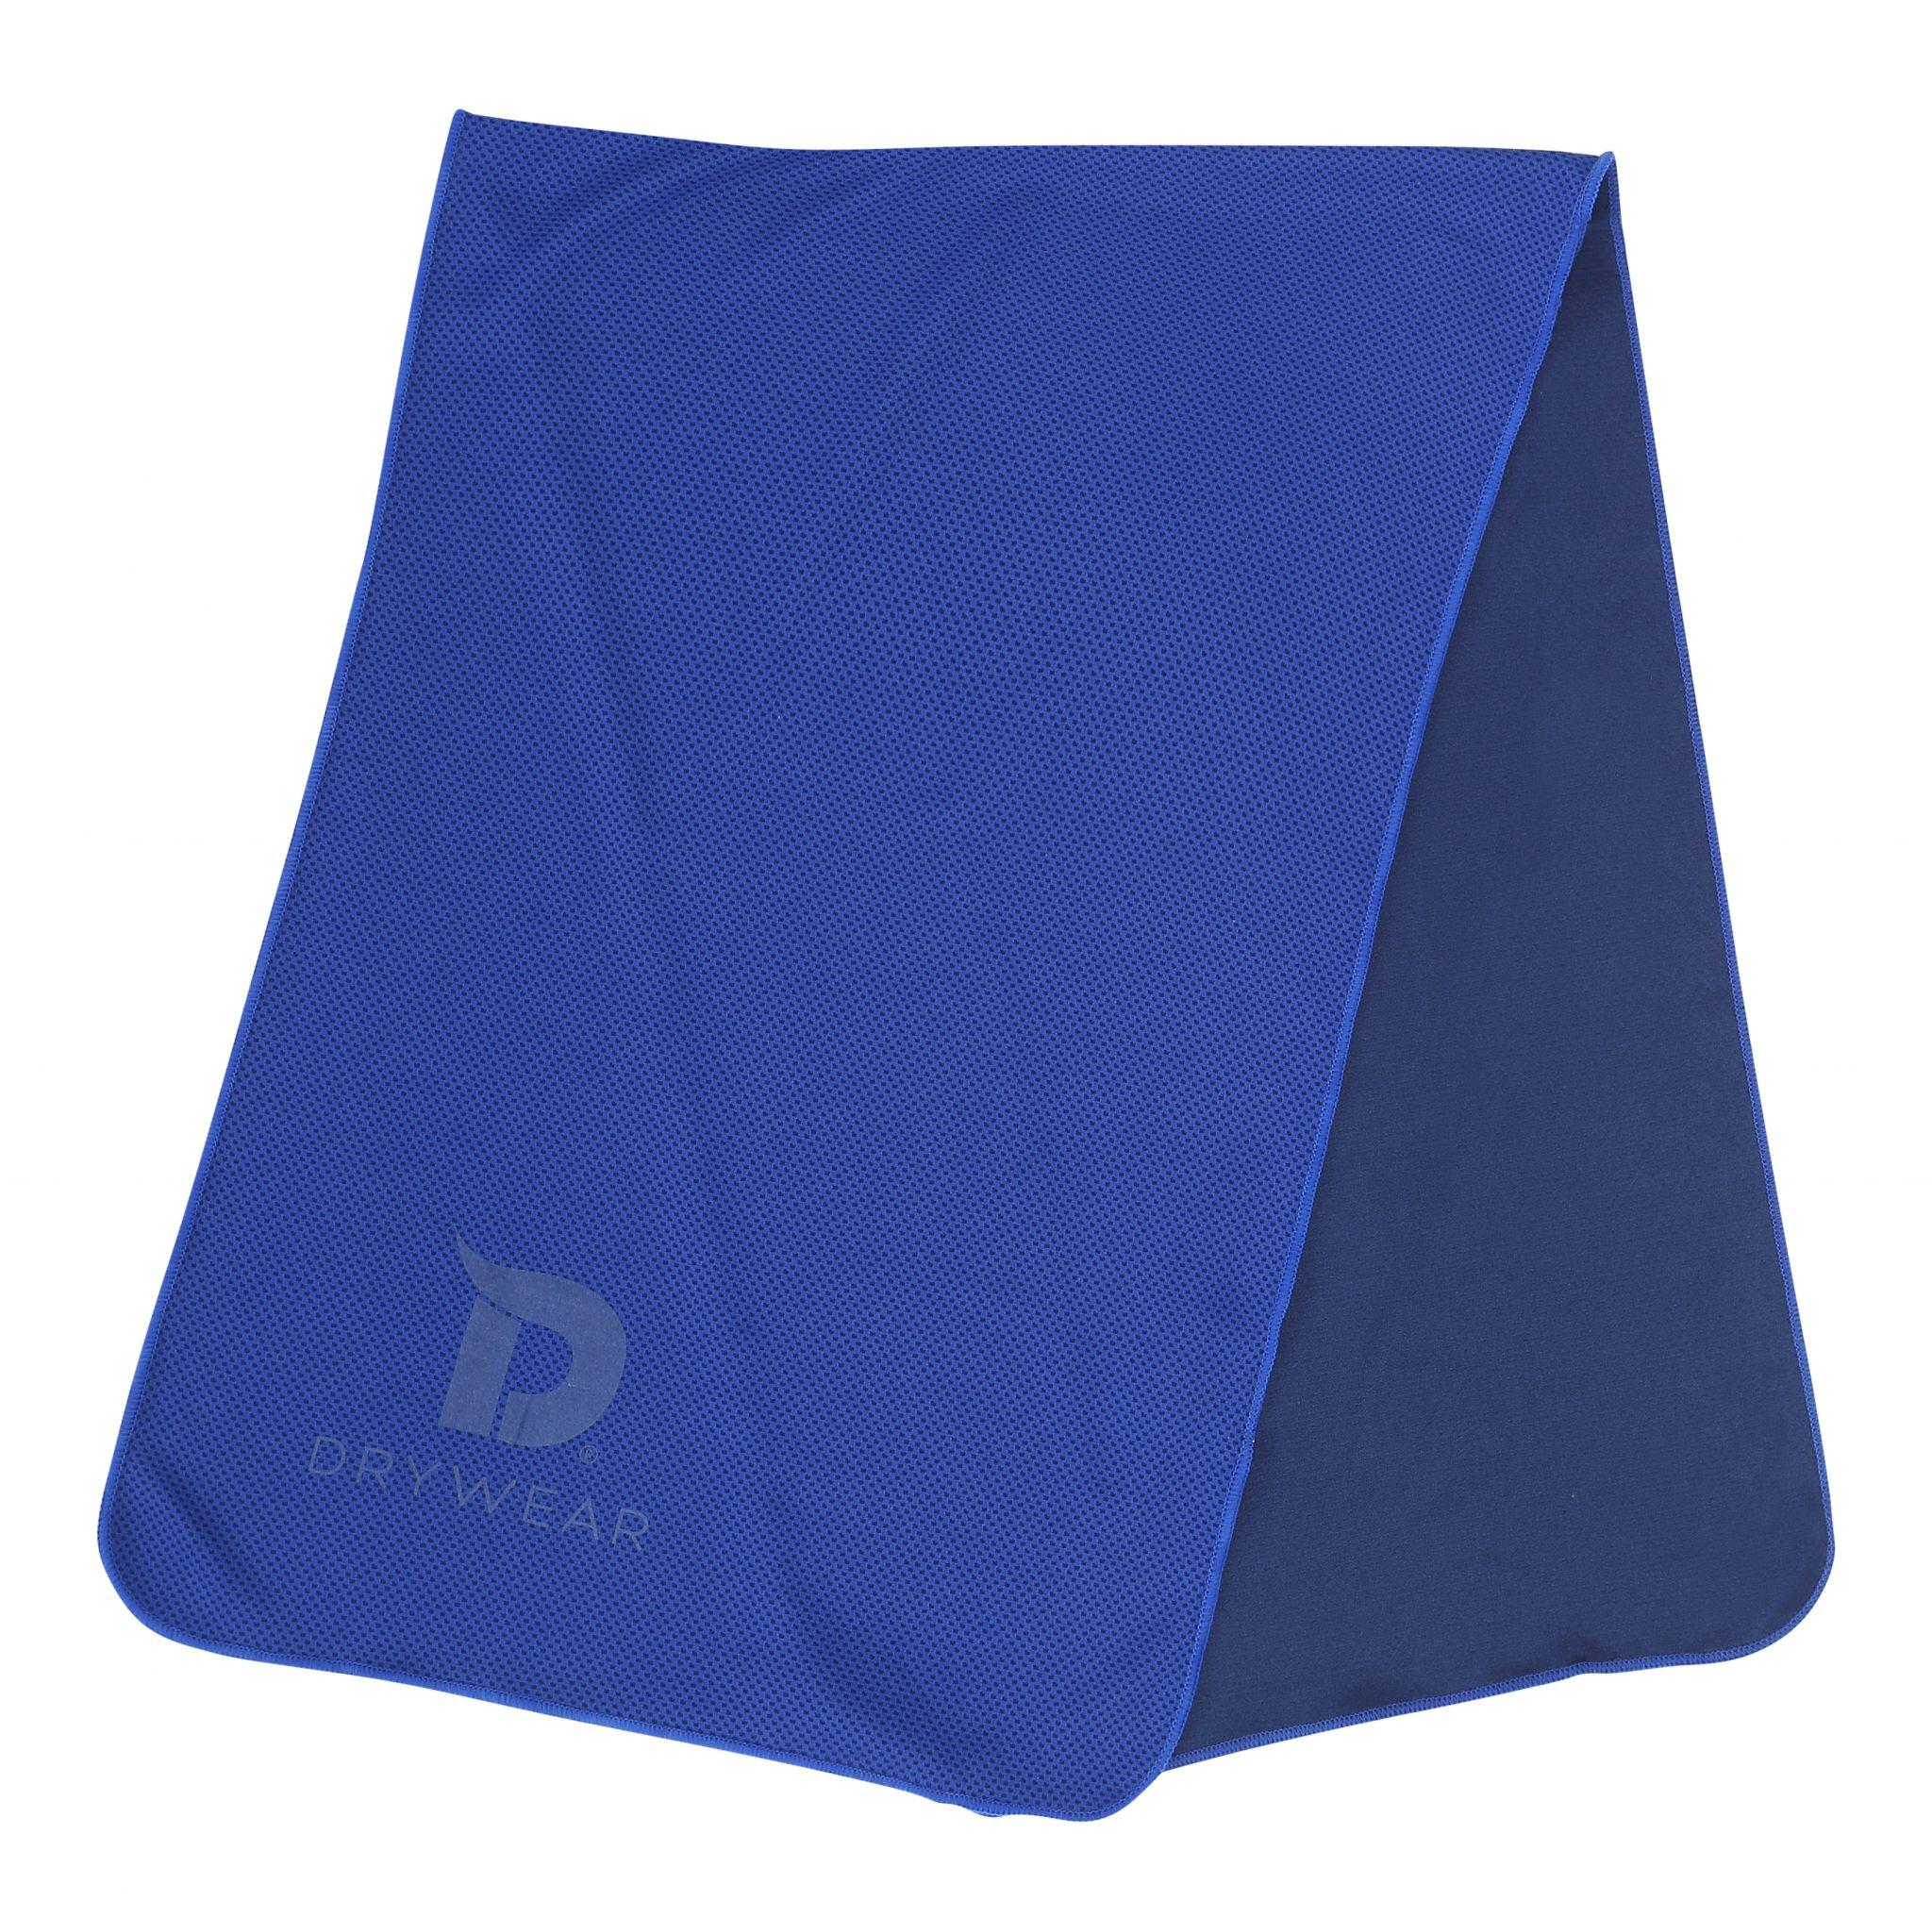 DRYWEAR Cooling Towel